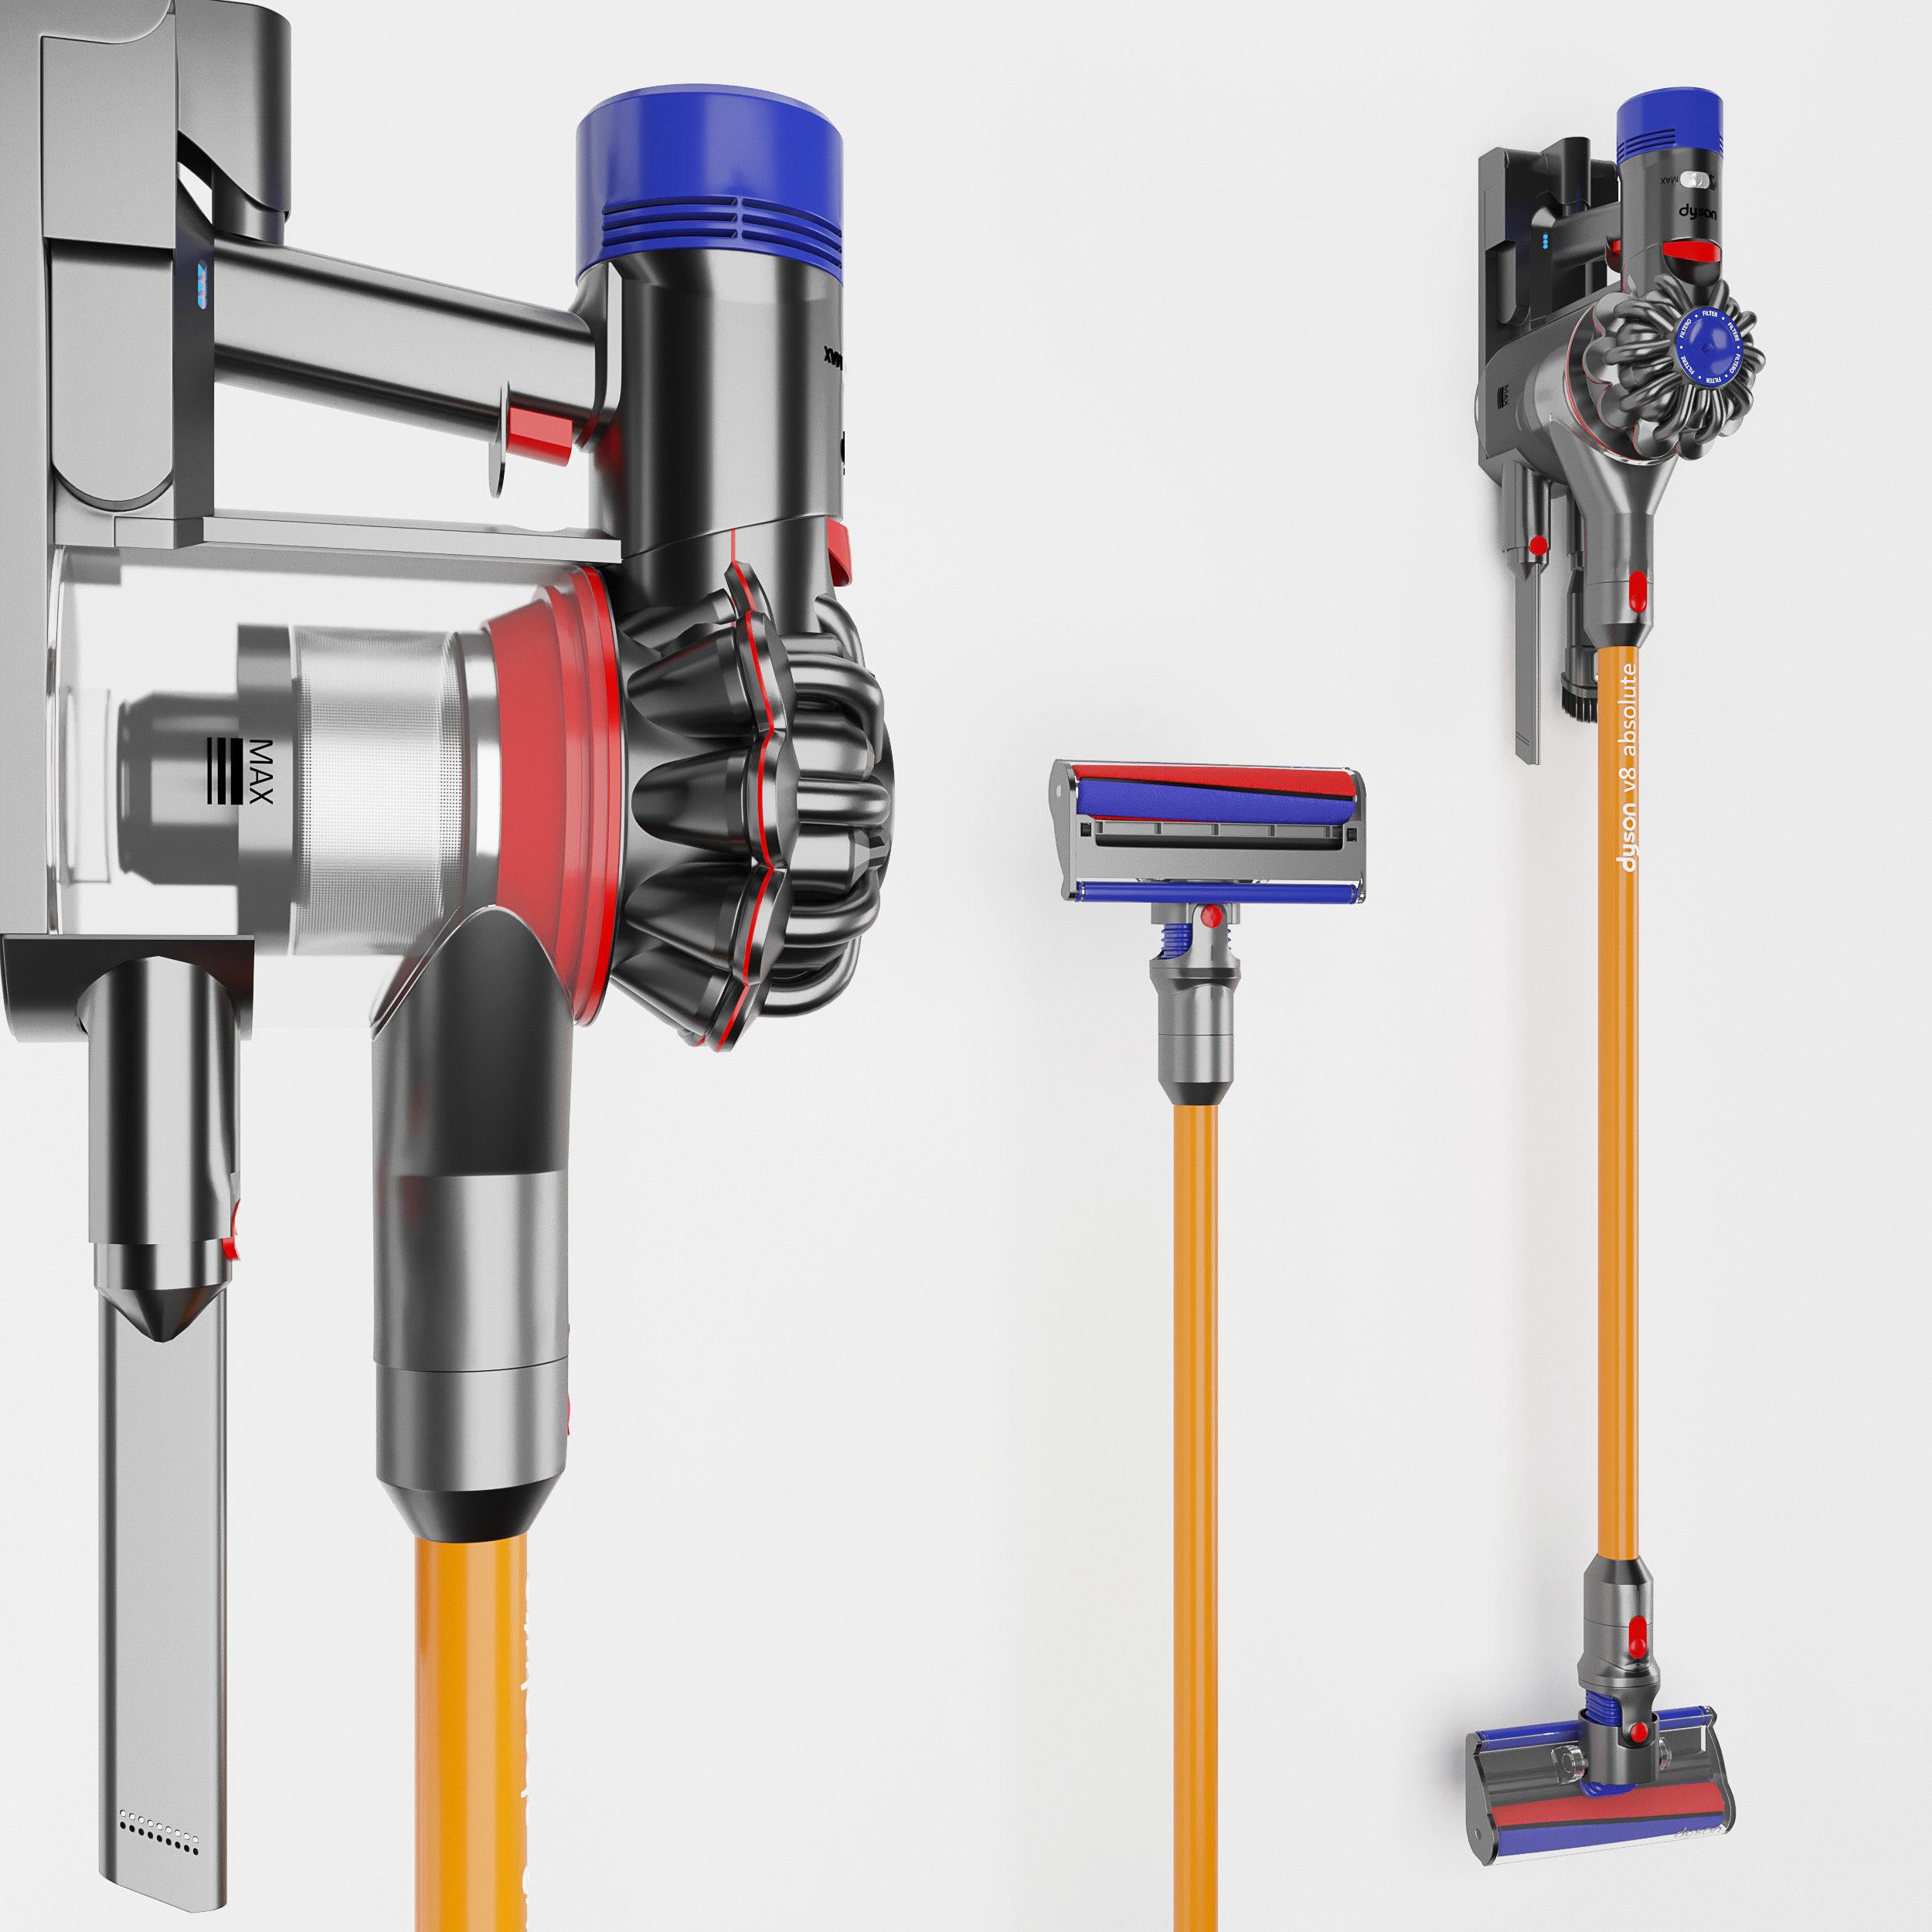 Dyson v8 wireless vacuum